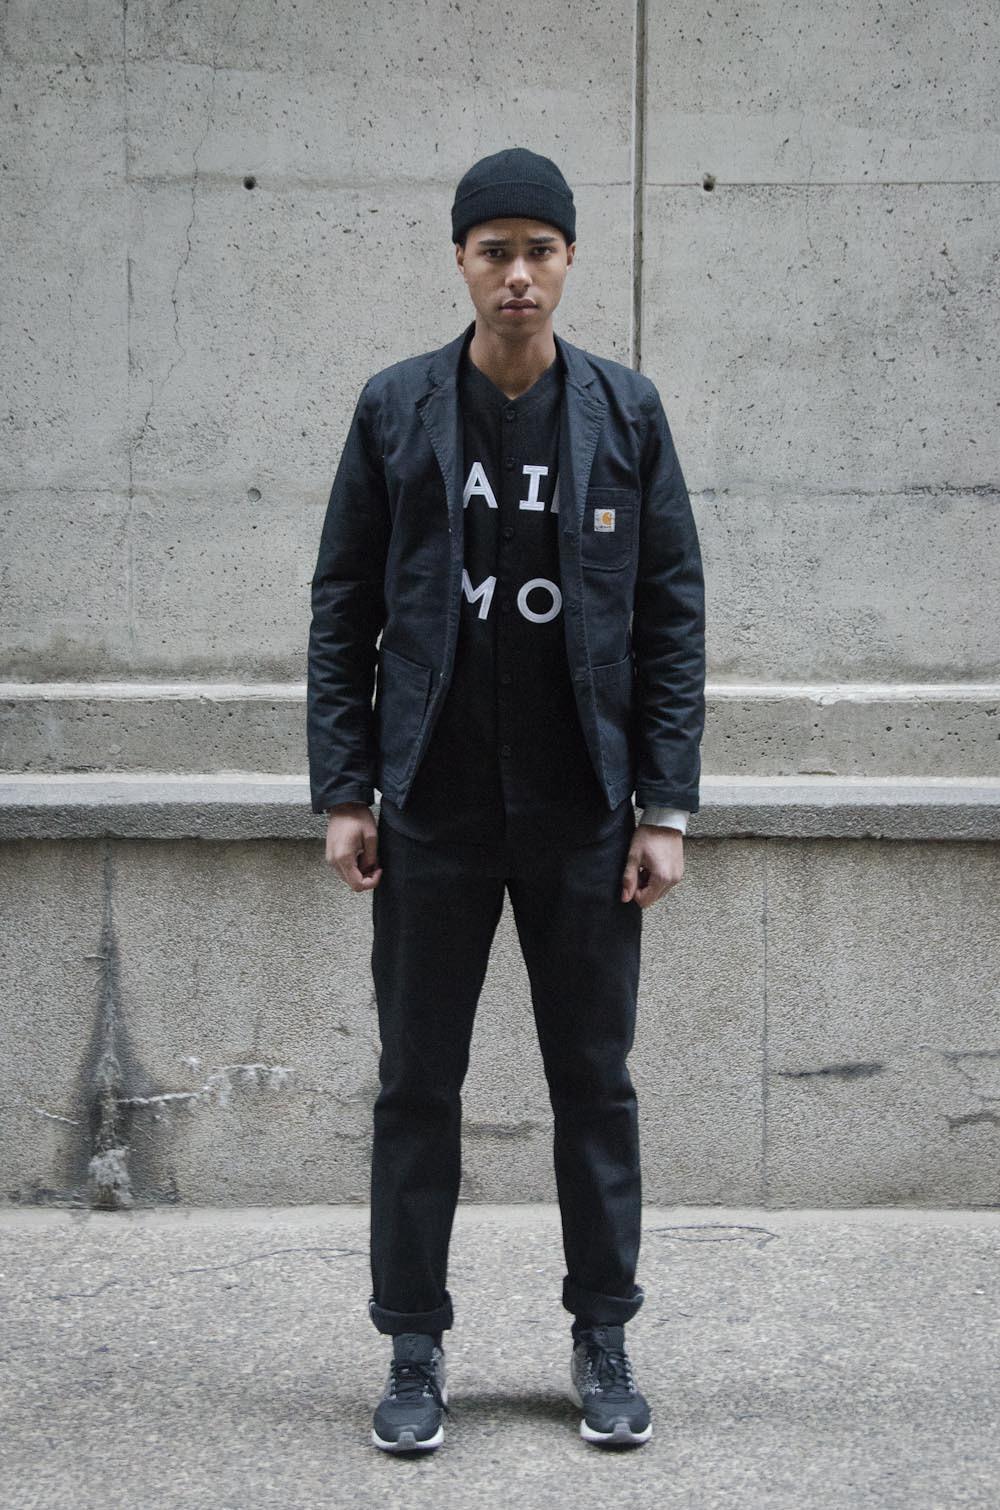 OTH Bonnet Couvre-feu Adidas Adizero Adios 2 Carhartt Sid Blazer